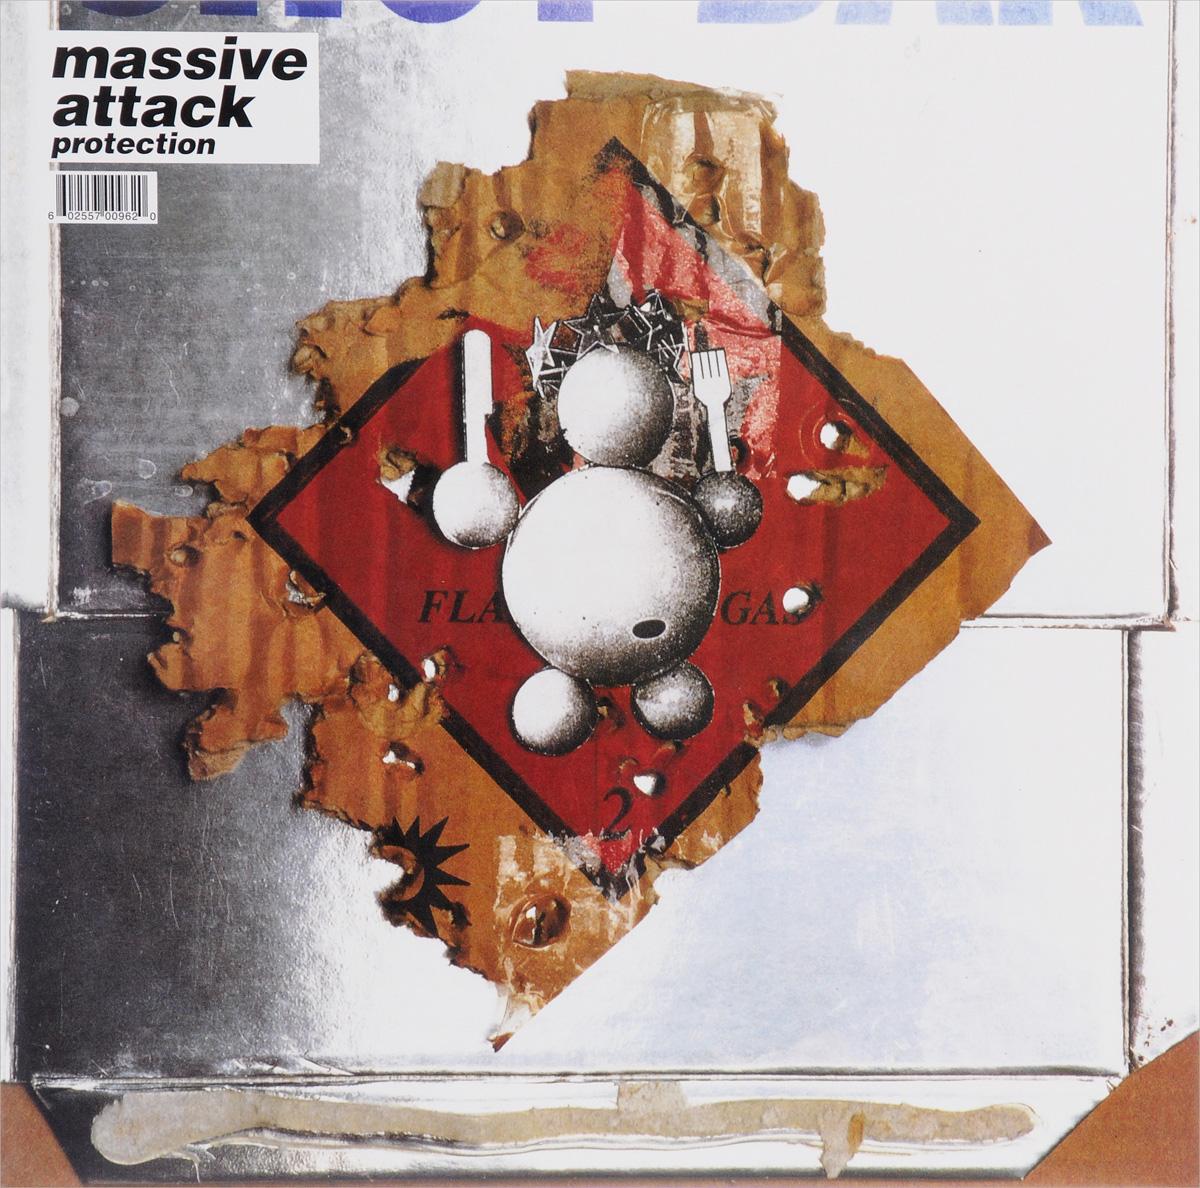 цена на Massive Attack Massive Attack. Protection (LP)